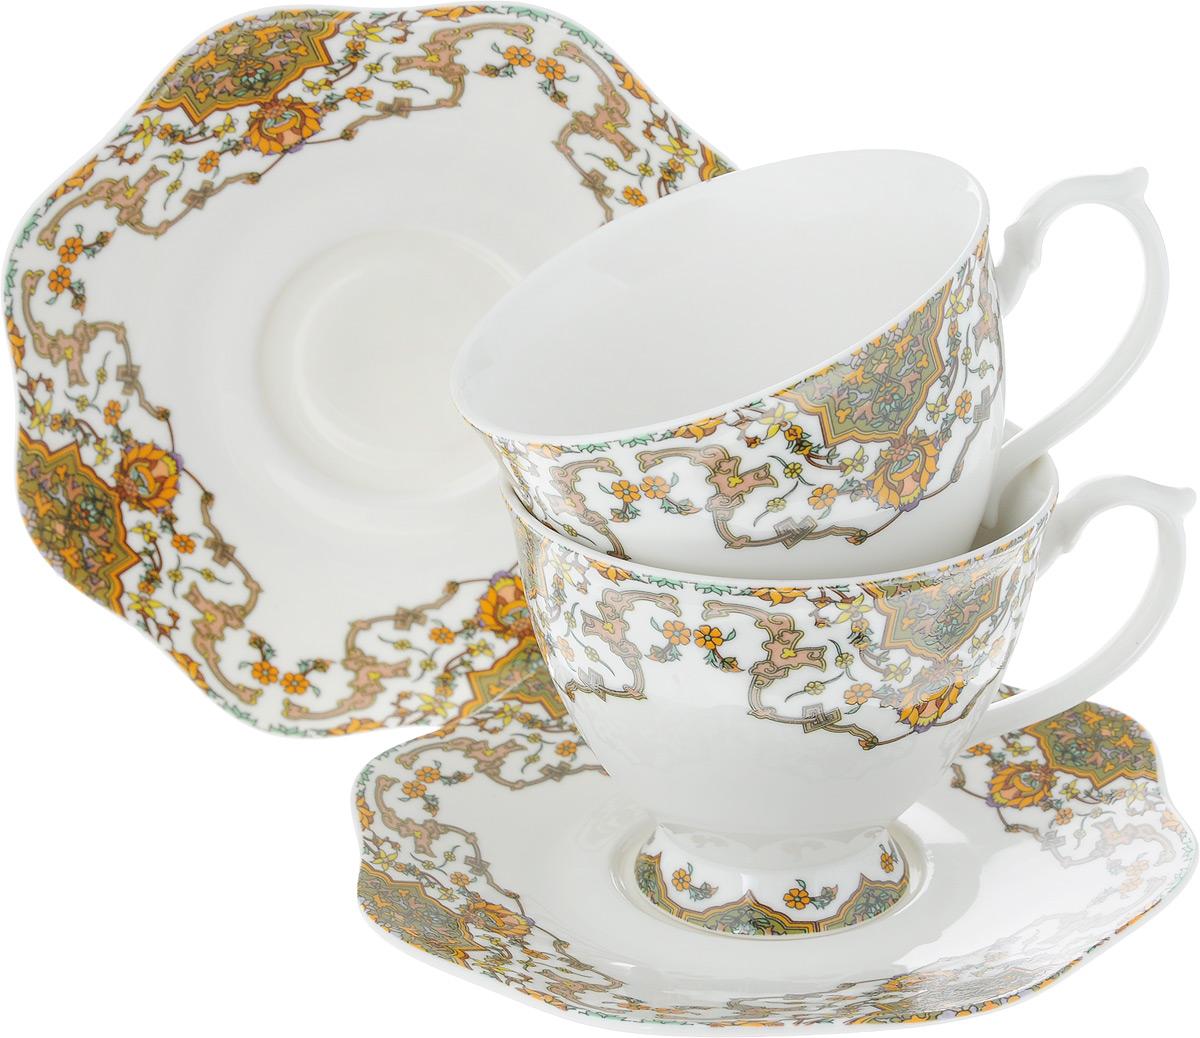 Набор чайный Loraine, 4 предмета. 2661726617Чайный набор Loraine на 2 персоны выполнен из высококачественного костяного фарфора - материала, безопасного для здоровья и надолго сохраняющего тепло напитка. В наборе 2 чашки и 2 блюдца. Несмотря на свою внешнюю хрупкость, каждый из предметов набора обладает высокой прочностью и надежностью. Изделия дополнены ярким красивым узором. Оригинальный дизайн сделает этот набор изысканным украшением любого стола. Набор упакован в подарочную коробку в форме сердца, поэтому его можно преподнести в качестве оригинального и практичного подарка для родных и близких. Объем чашки: 180 мл. Диаметр чашки (по верхнему краю): 8,5 см. Высота чашки: 7 см. Диаметр блюдца: 14 см.